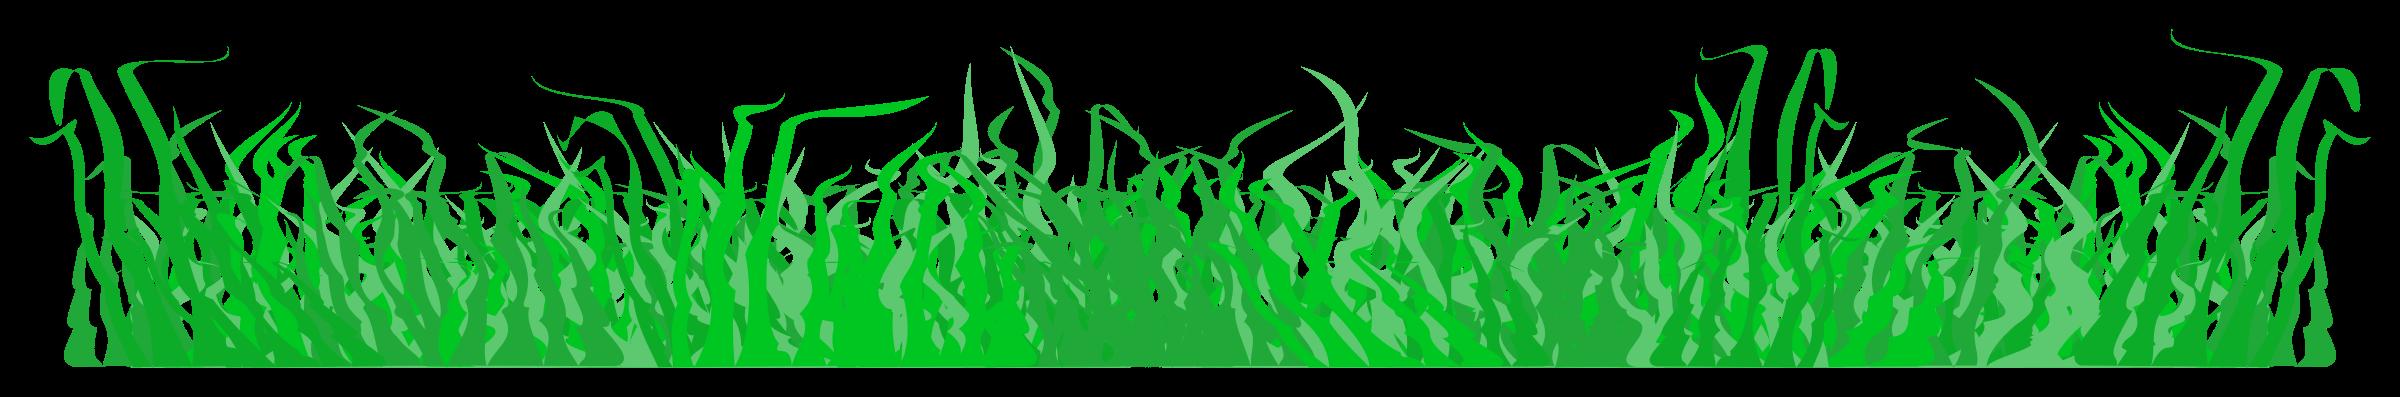 . Clipart grass divider